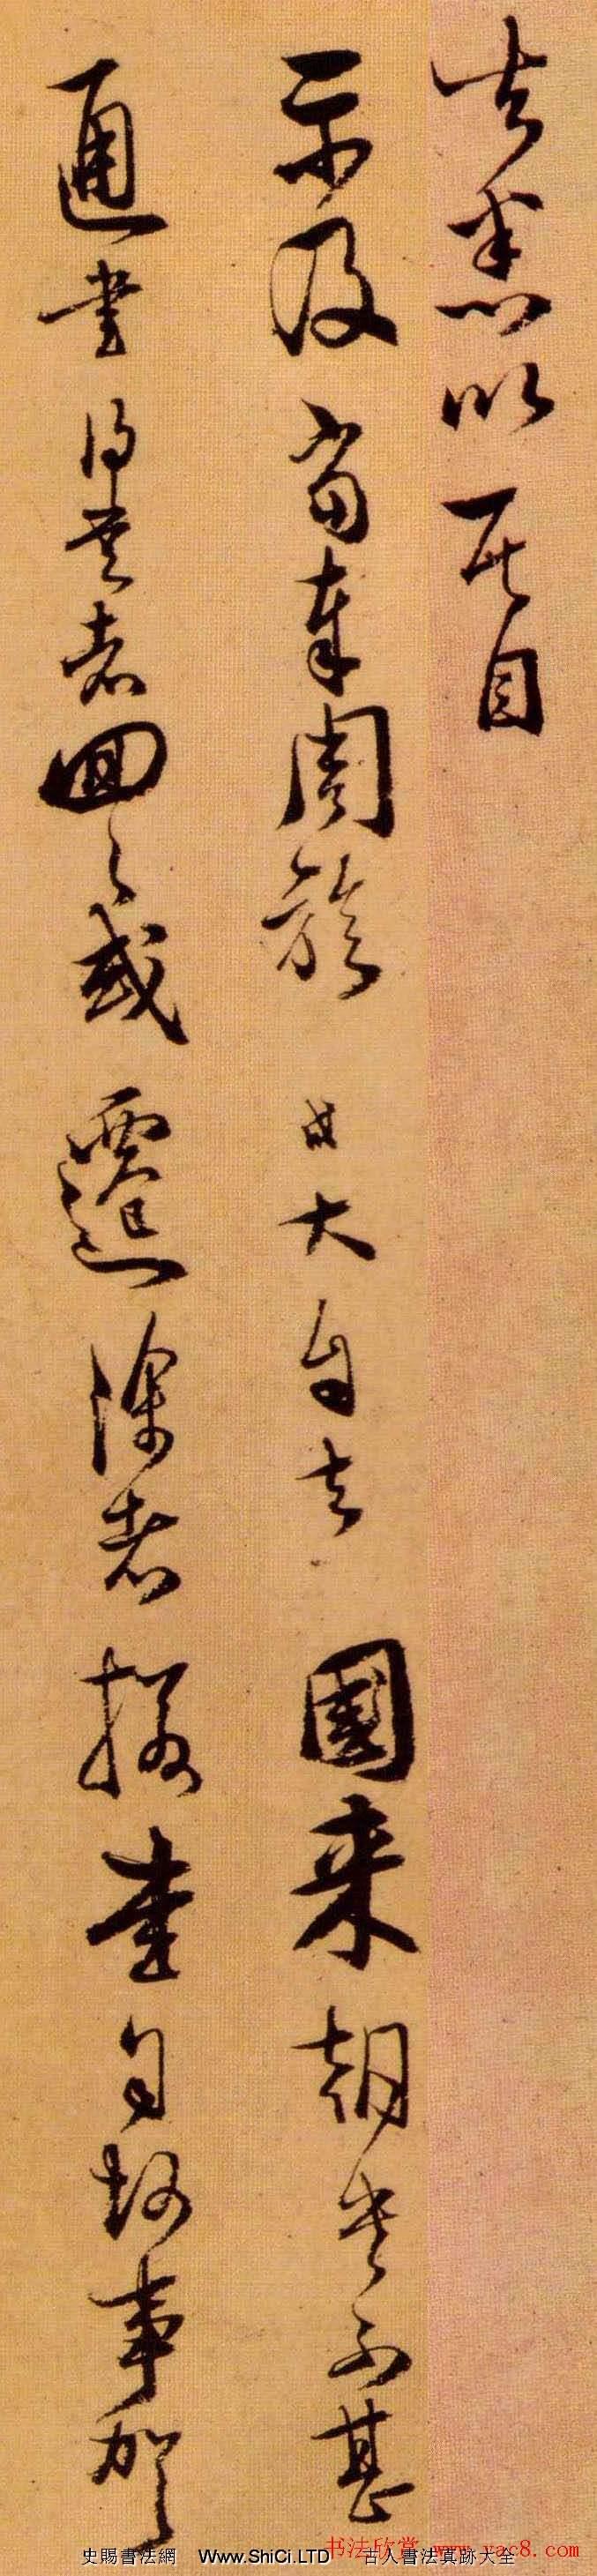 范成大書法尺牘賞析《辭免帖》